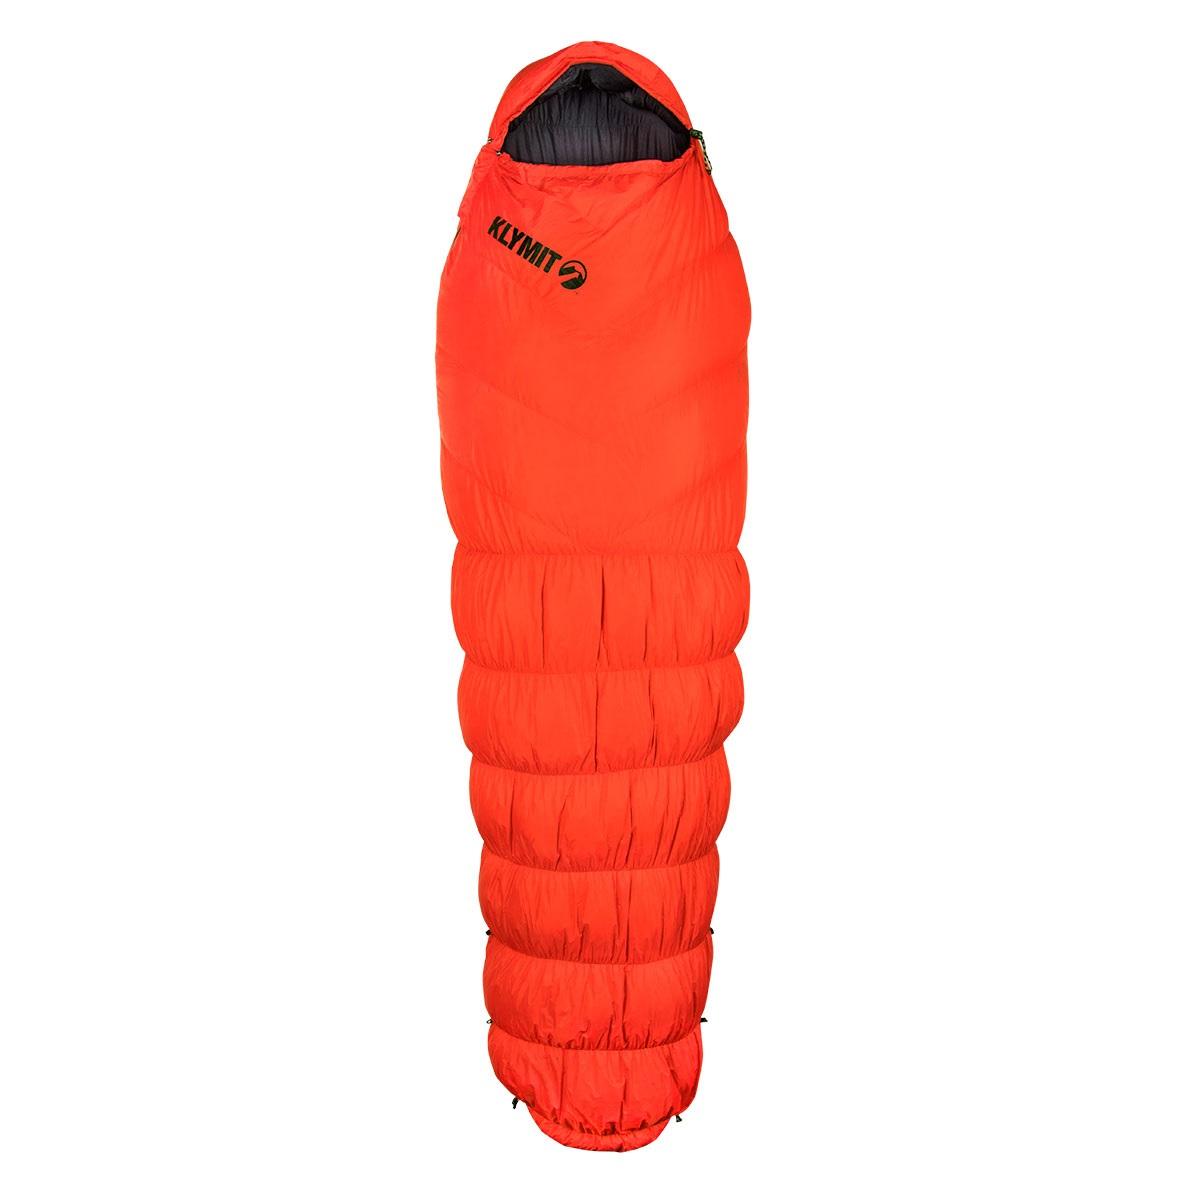 Спальный мешок Klymit KSB 0˚, оранжевый (13KZOR01C)